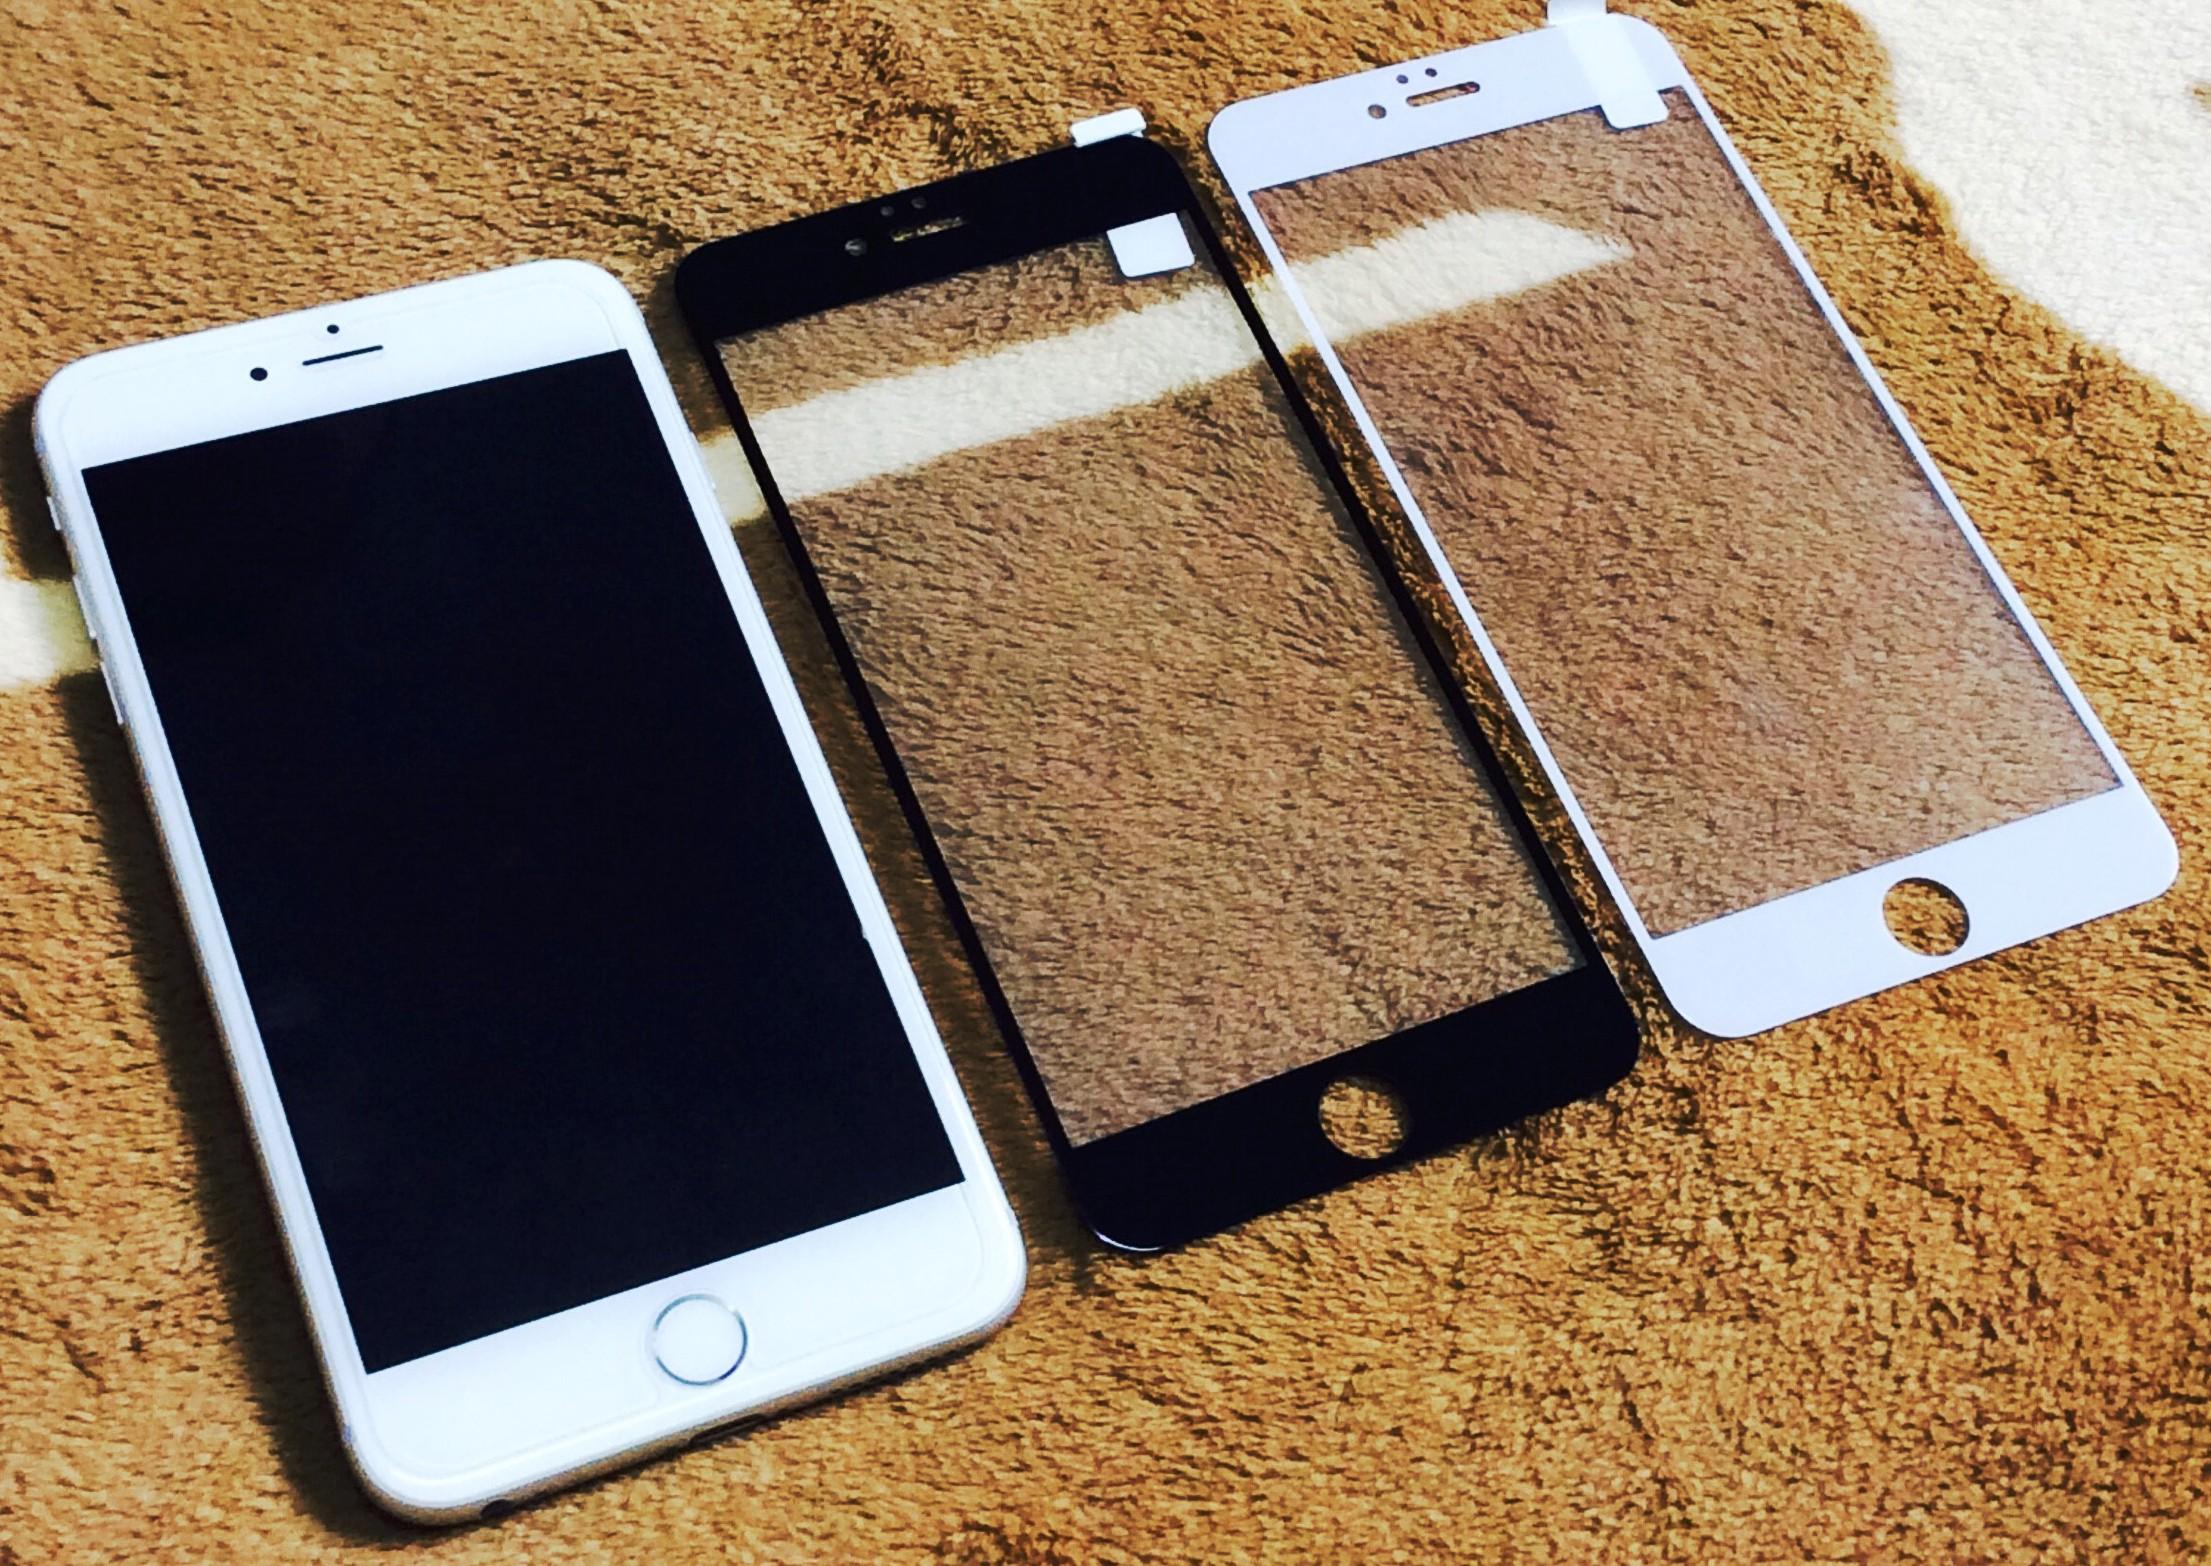 ฟิล์มกระจกเต็มจอ iphone6 plus/6s plus 0.26mm (เฉพาะด้านหน้า)